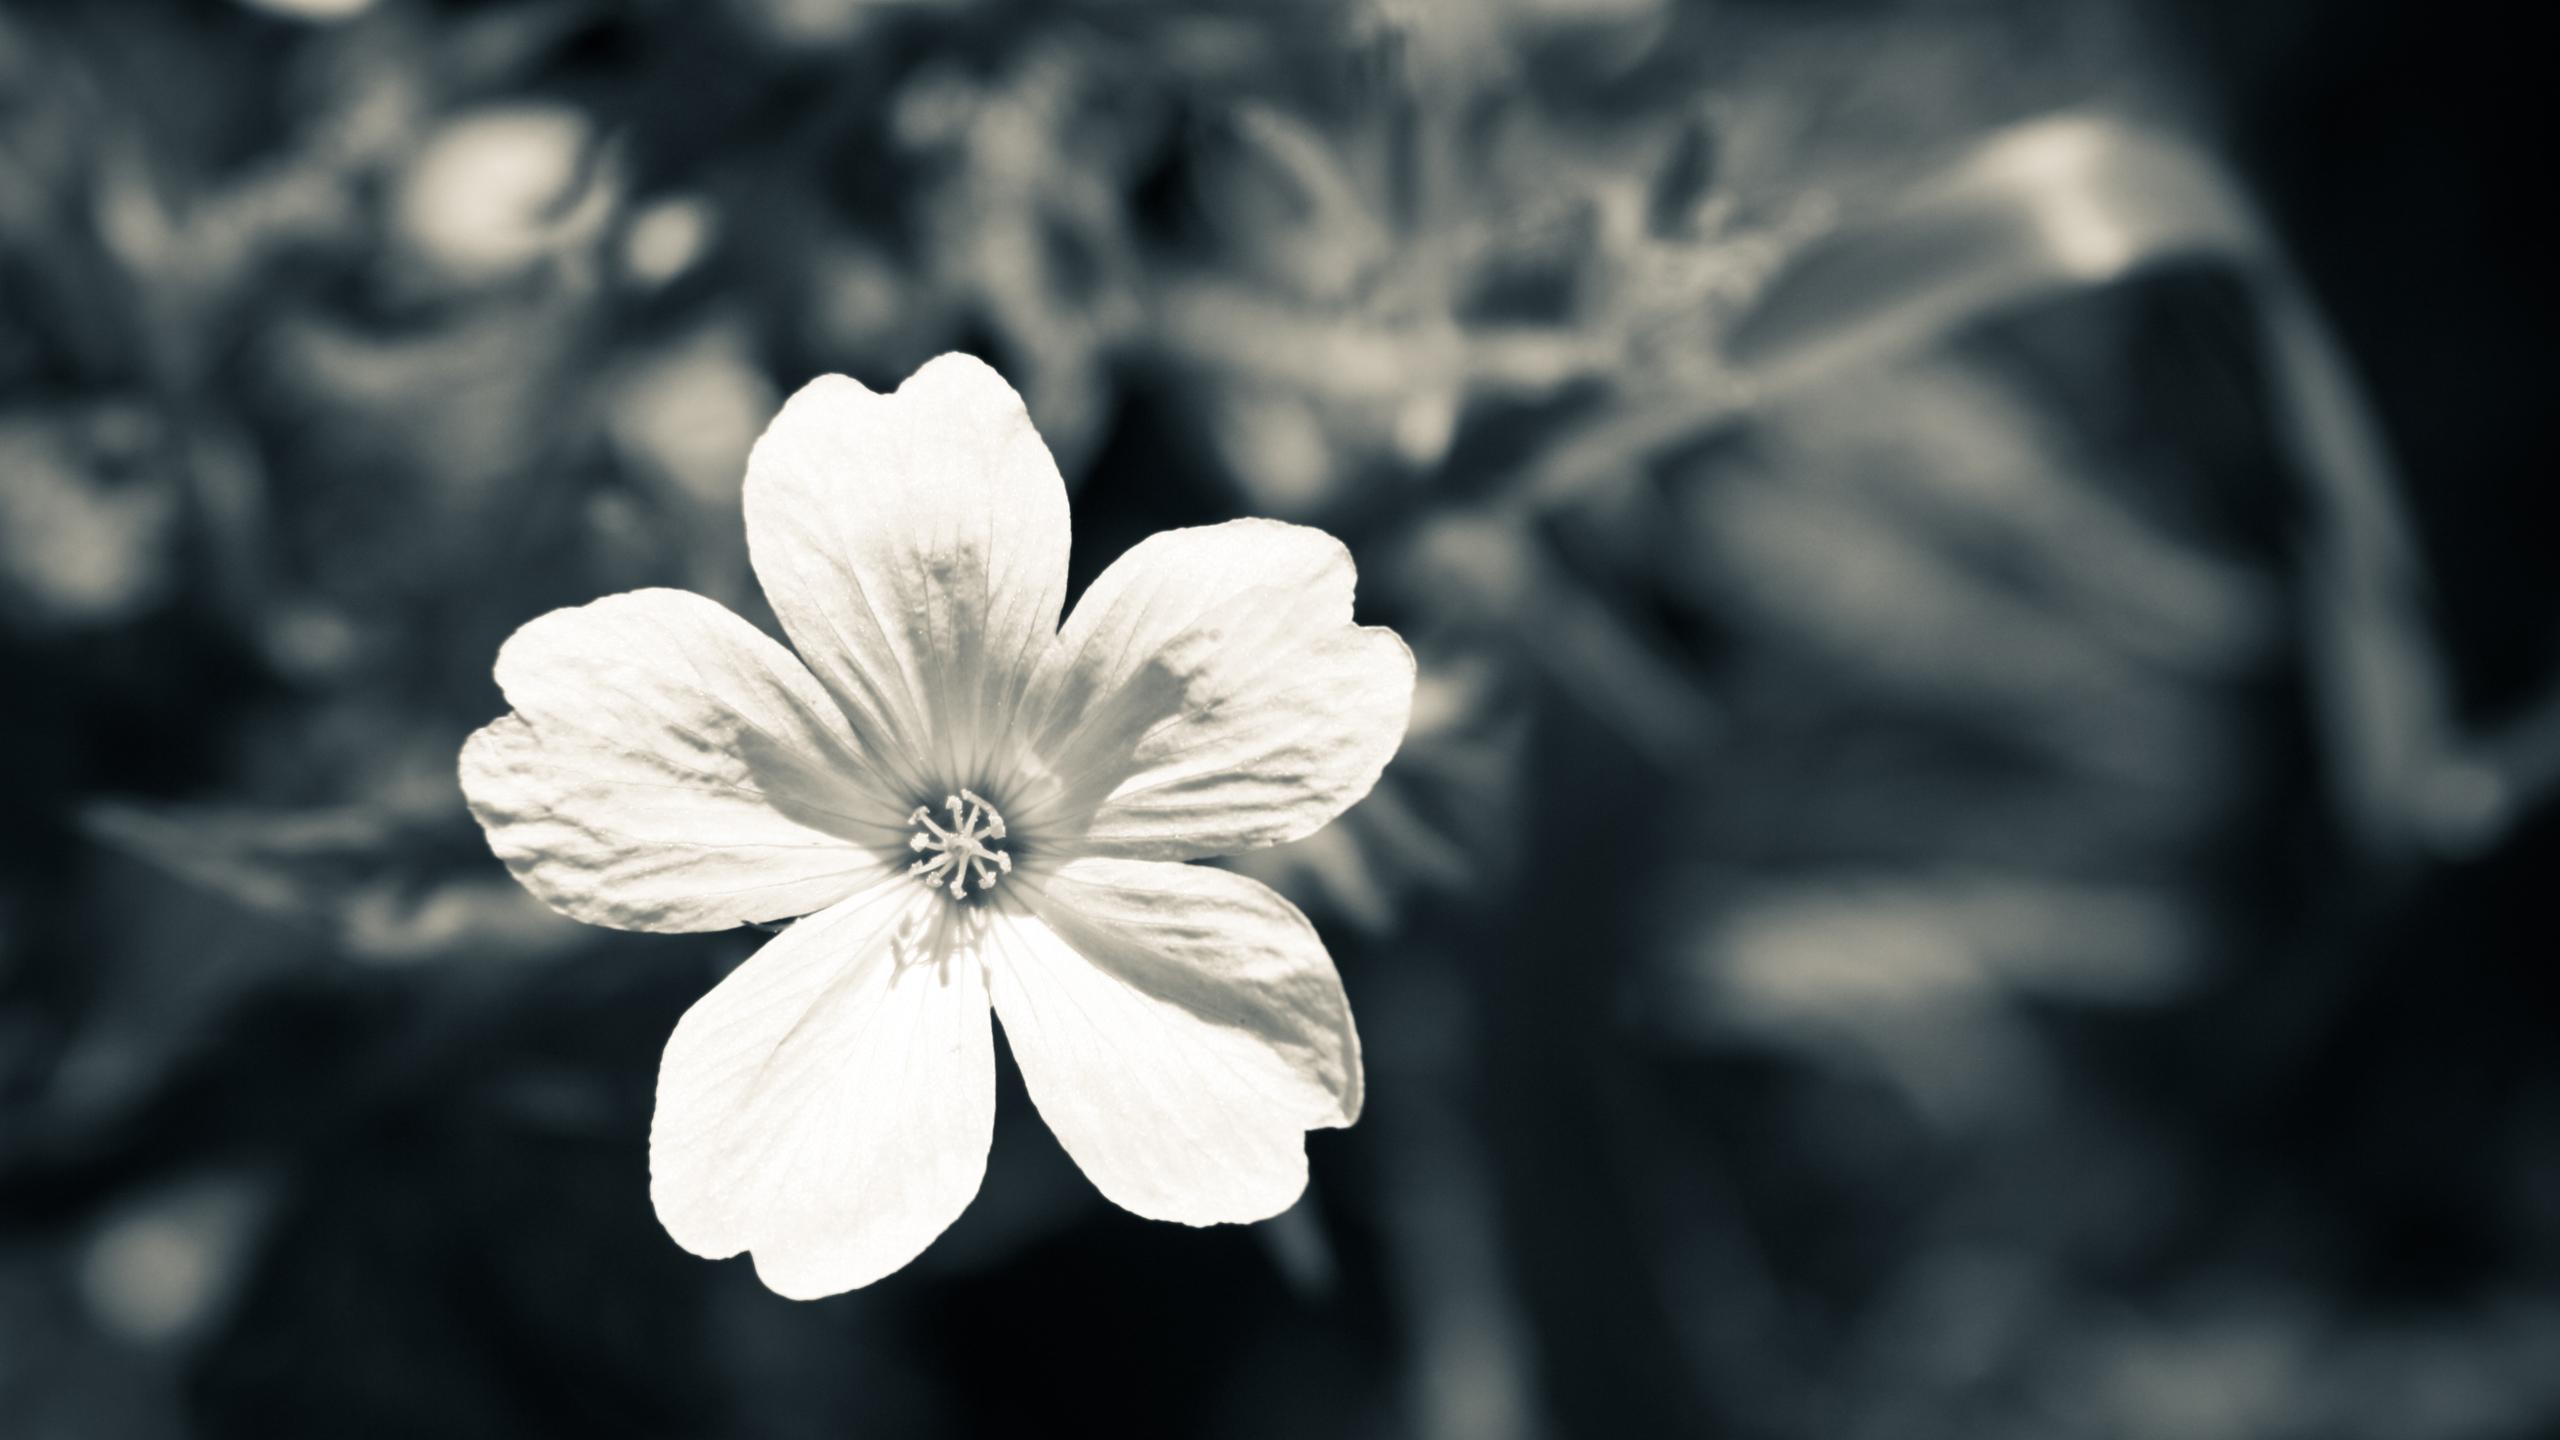 euImac Flower Black And White Wallpaper 2560X1440 Wallpaper 2560x1440